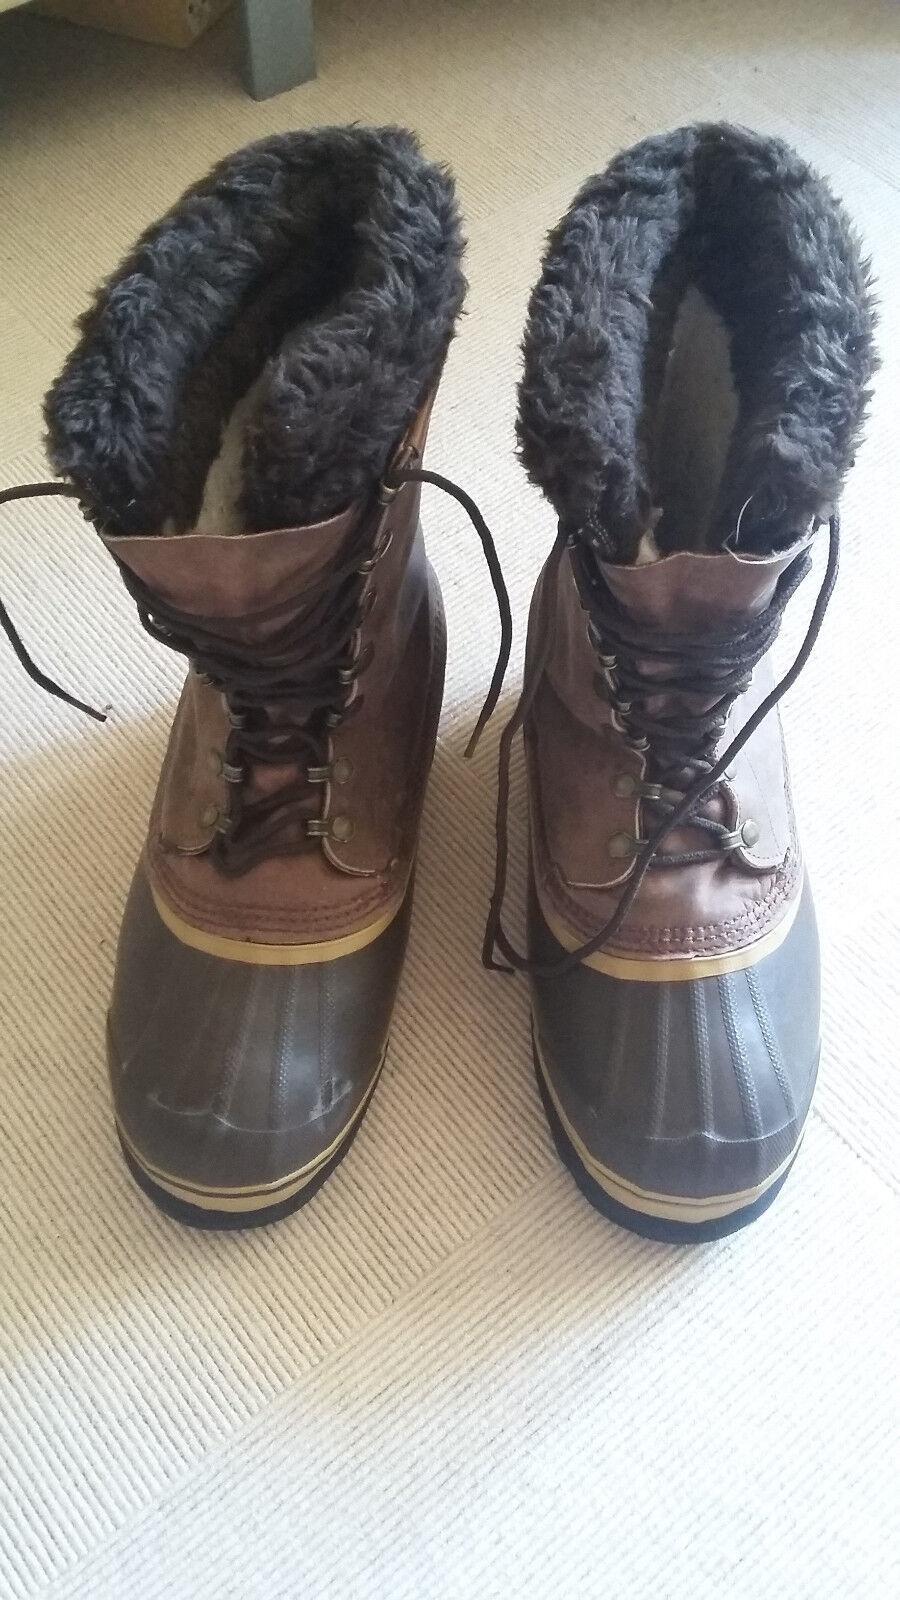 Sorel Stiefel  Dominator  Winterstiefel wasserdicht Leder Kanada Gr. 7 bzw 40 5